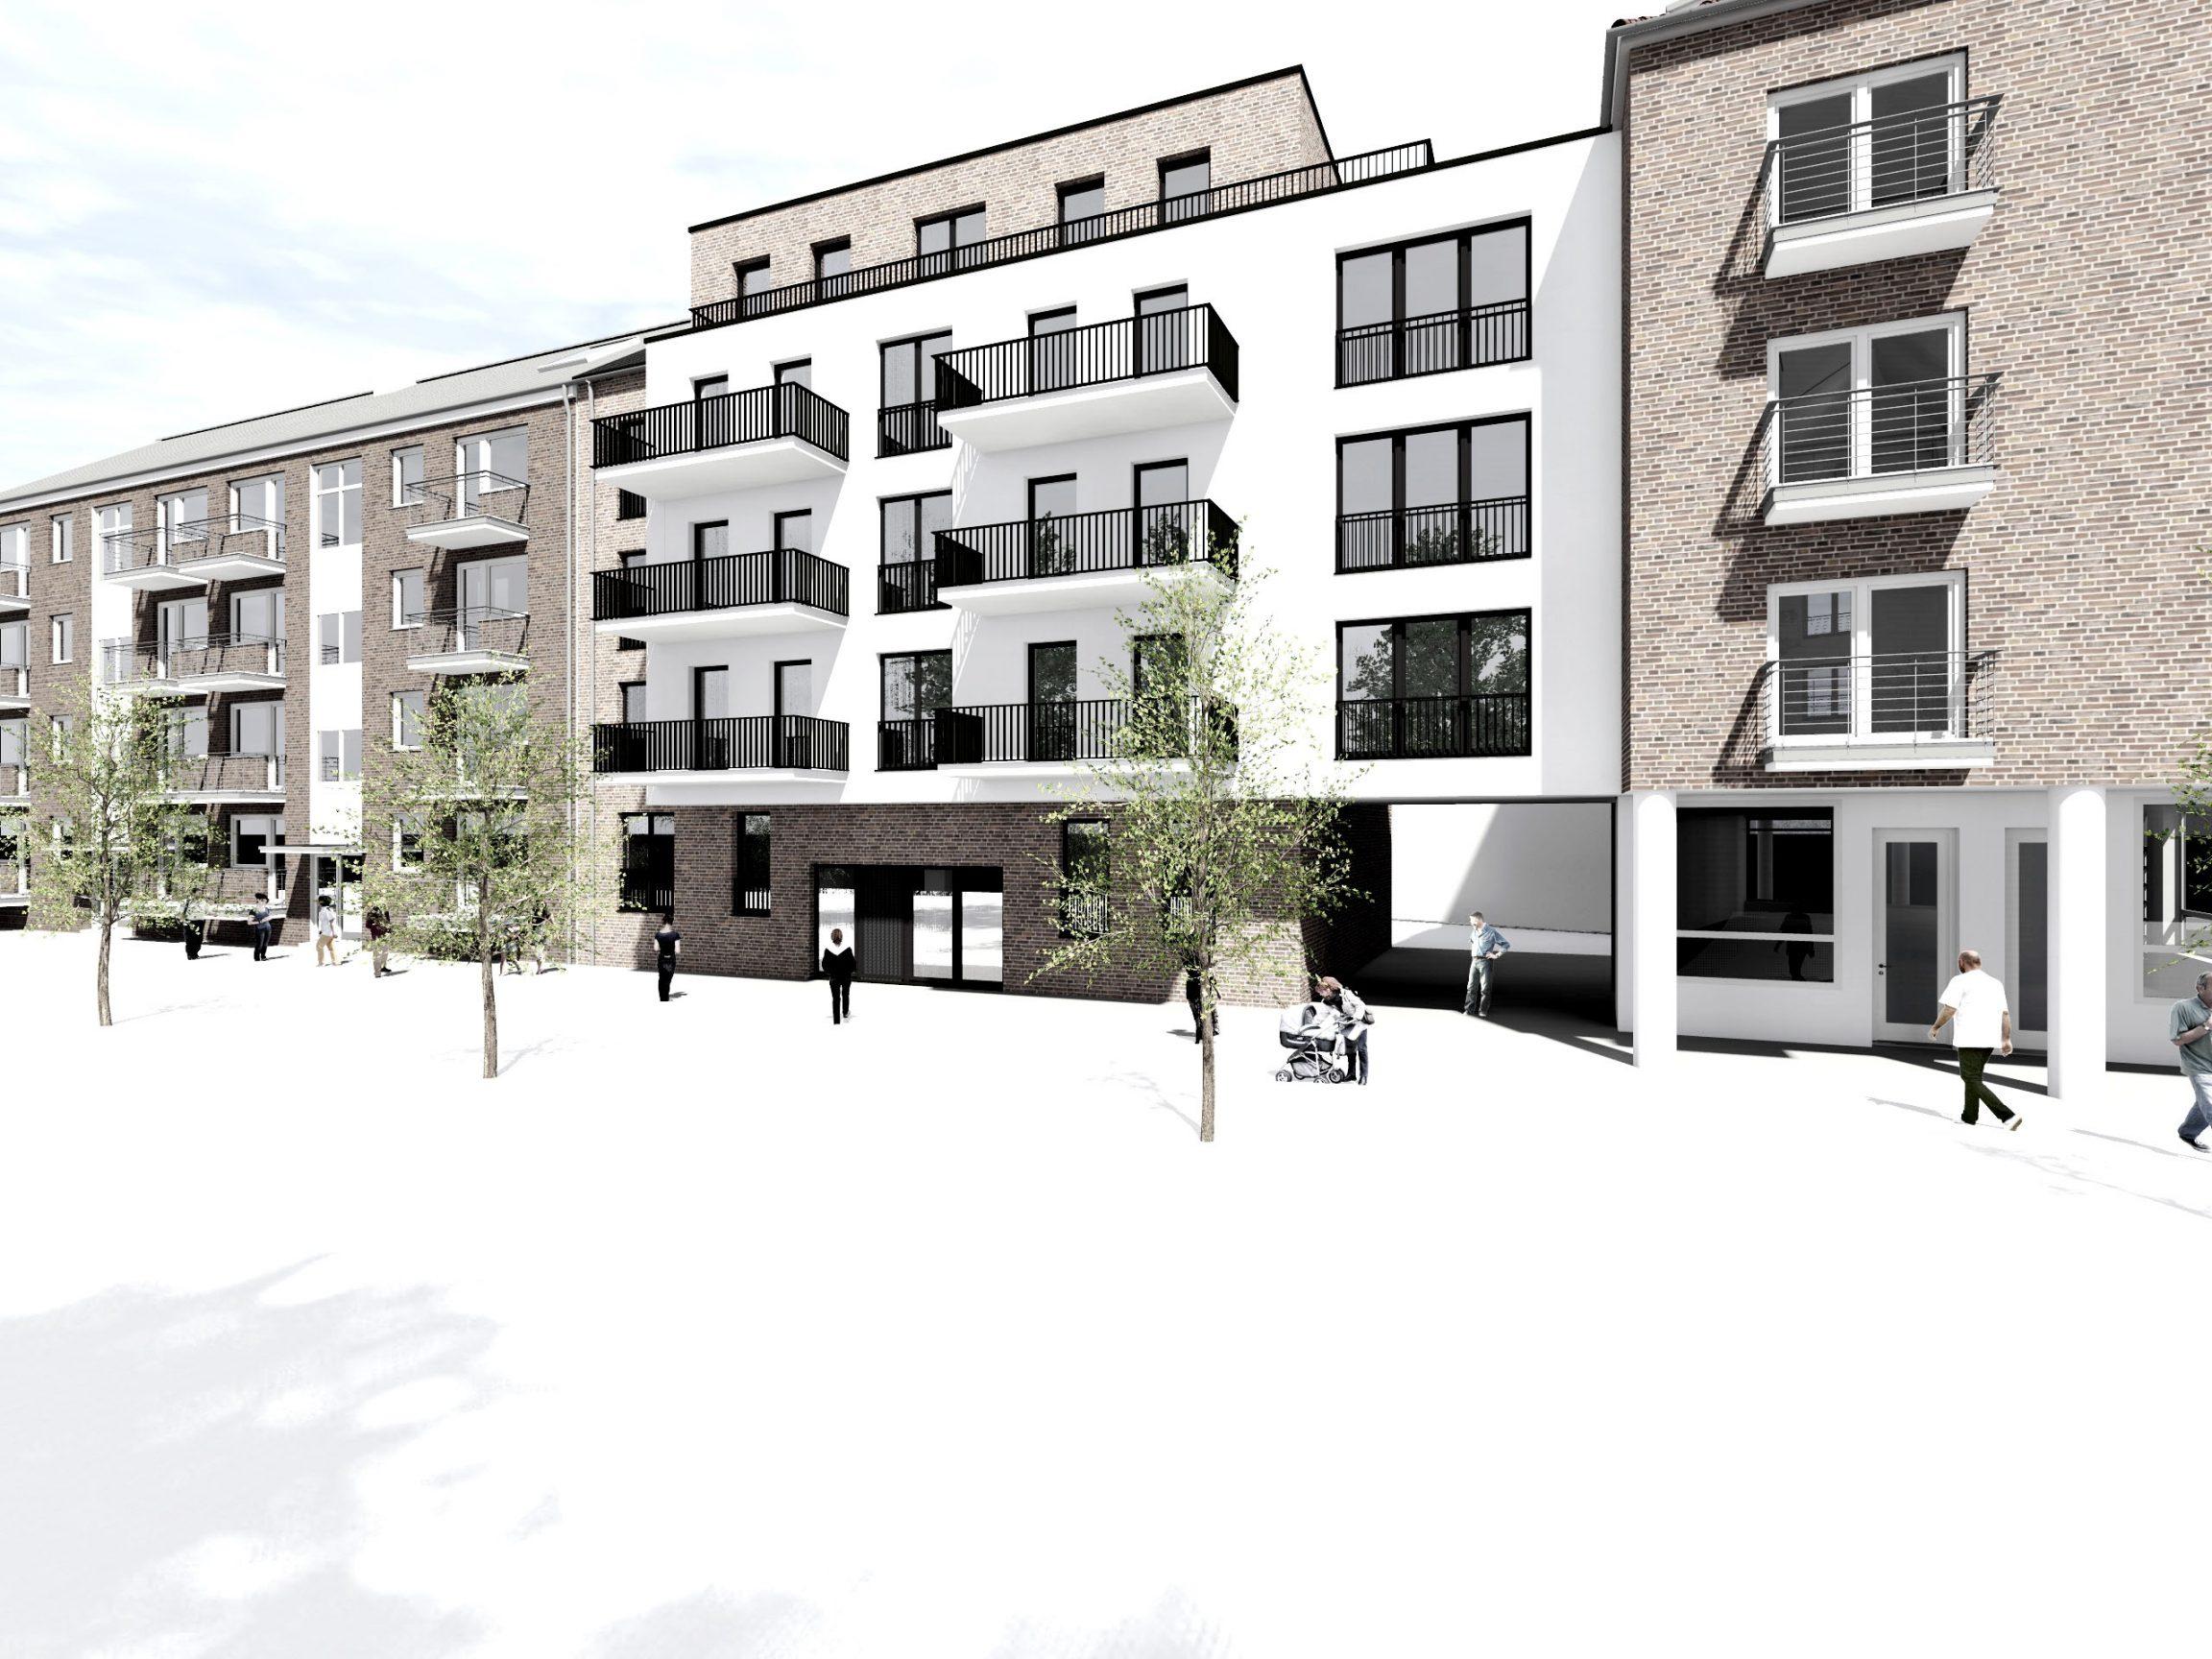 Neubau Wohngebäude Genhemigung erteilt Hamburg